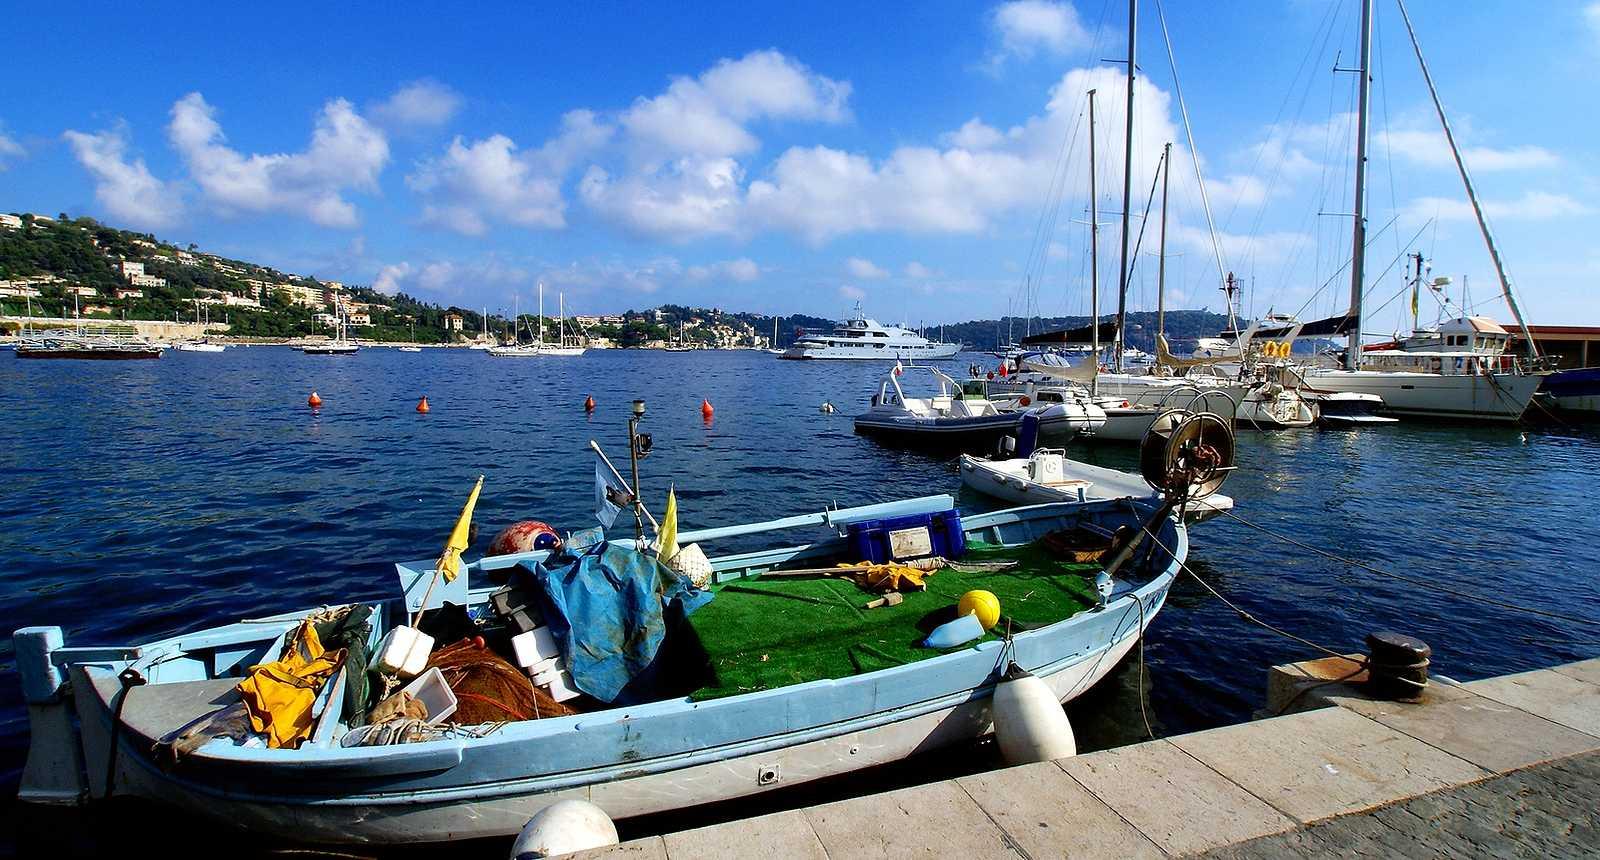 Barque de pêche au Cros-de-Cagne, lieu-dit de Cagnes-sur-Mer